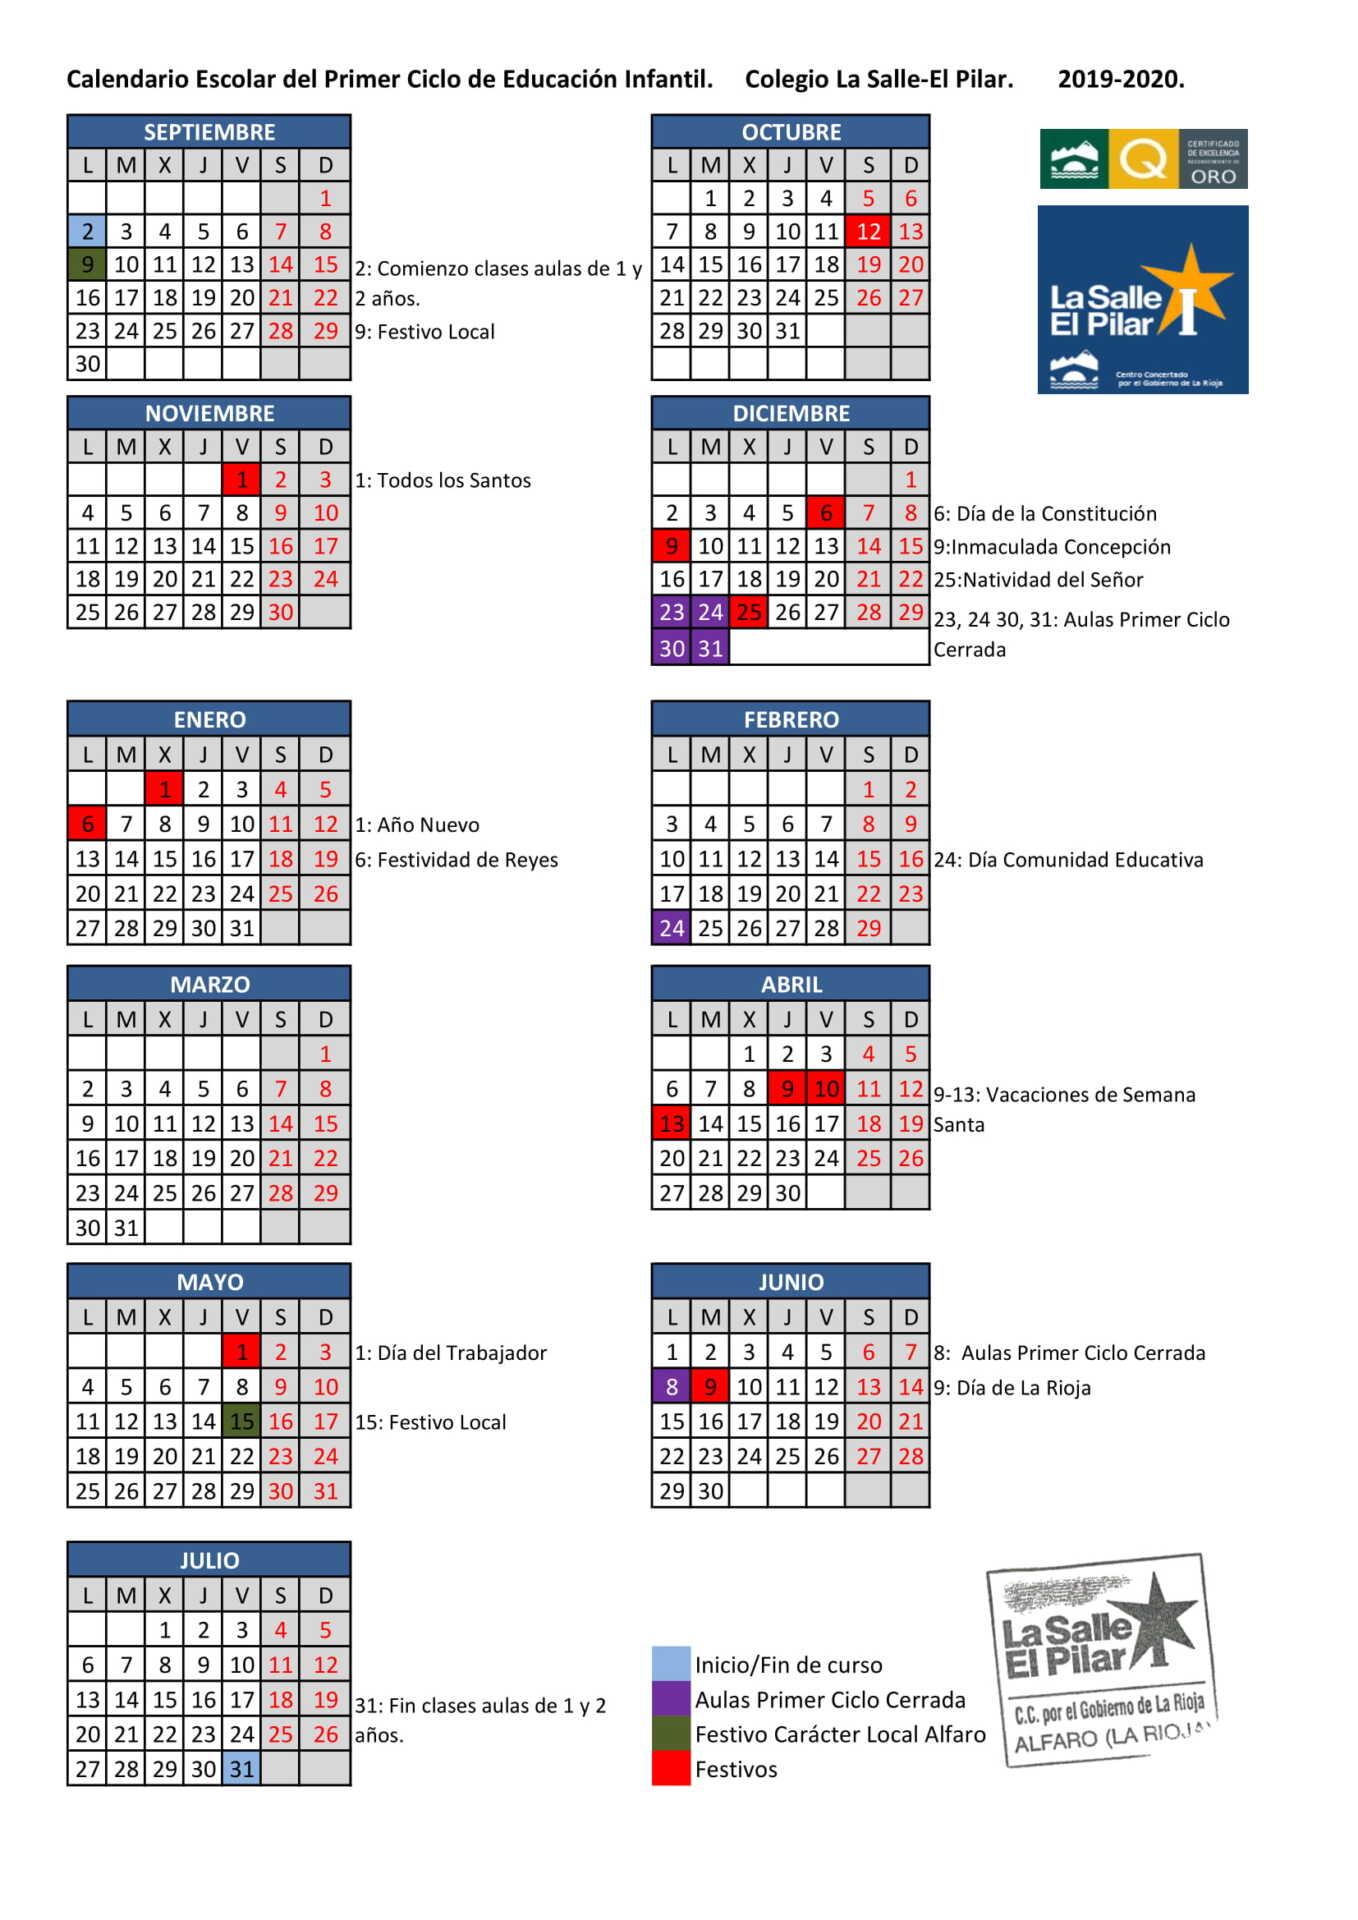 Calendario Escolar 18 19 Cantabria.Calendario Escolar La Salle El Pilar